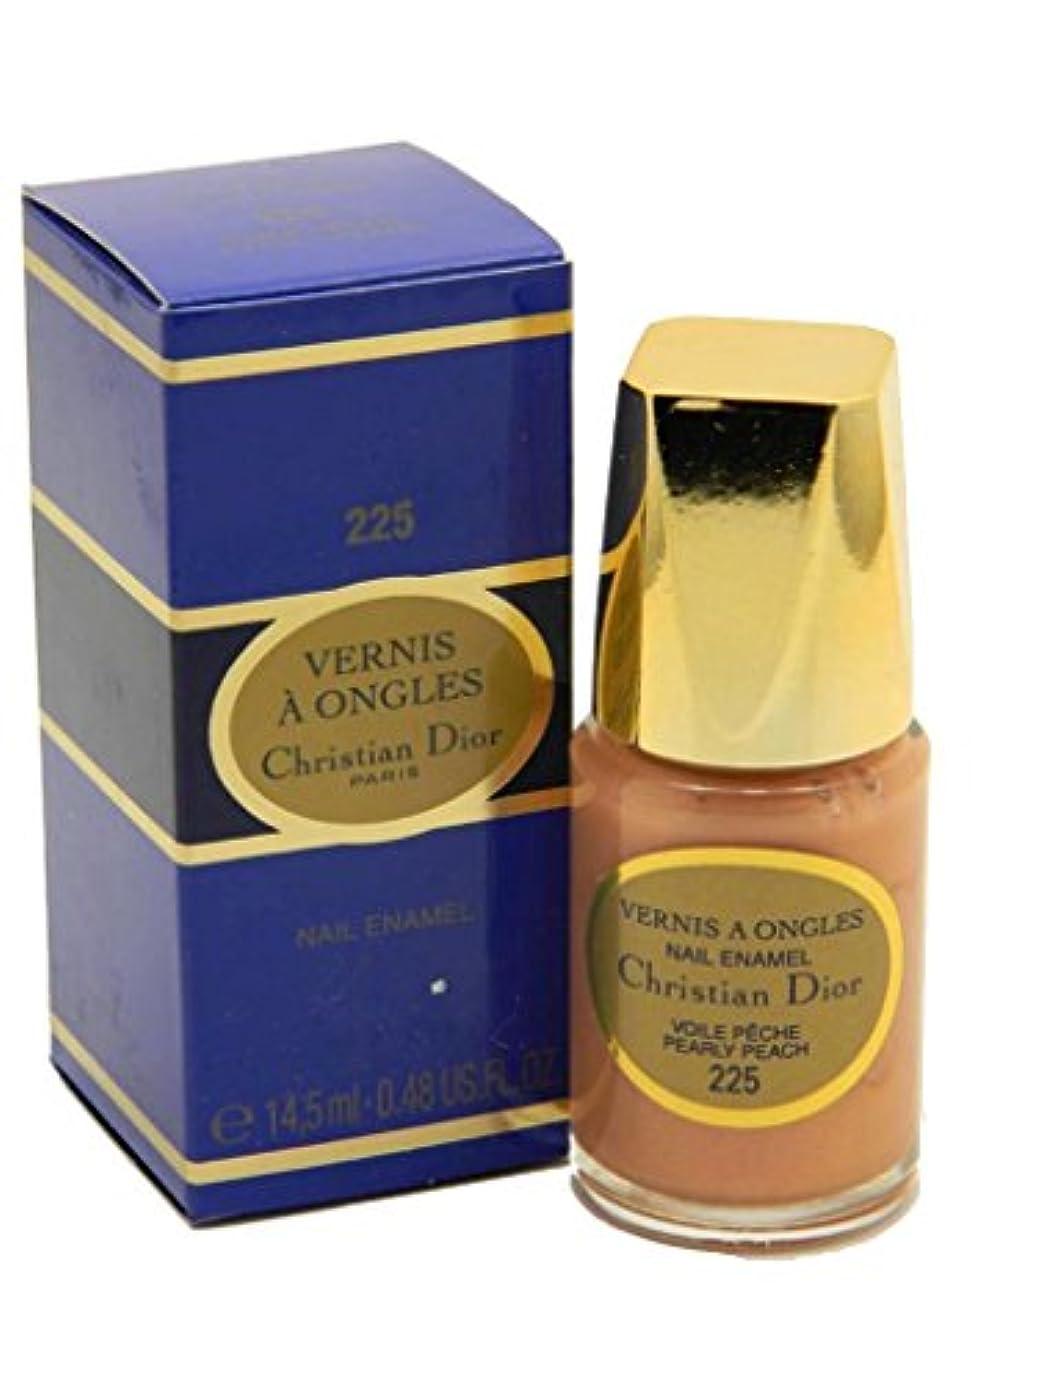 洗練されたまあ皿Dior Vernis A Ongles Nail Enamel Polish 225 Pearly Peach(ディオール ヴェルニ ア オングル ネイルエナメル ポリッシュ 225 パーリィピーチ) [並行輸入品]